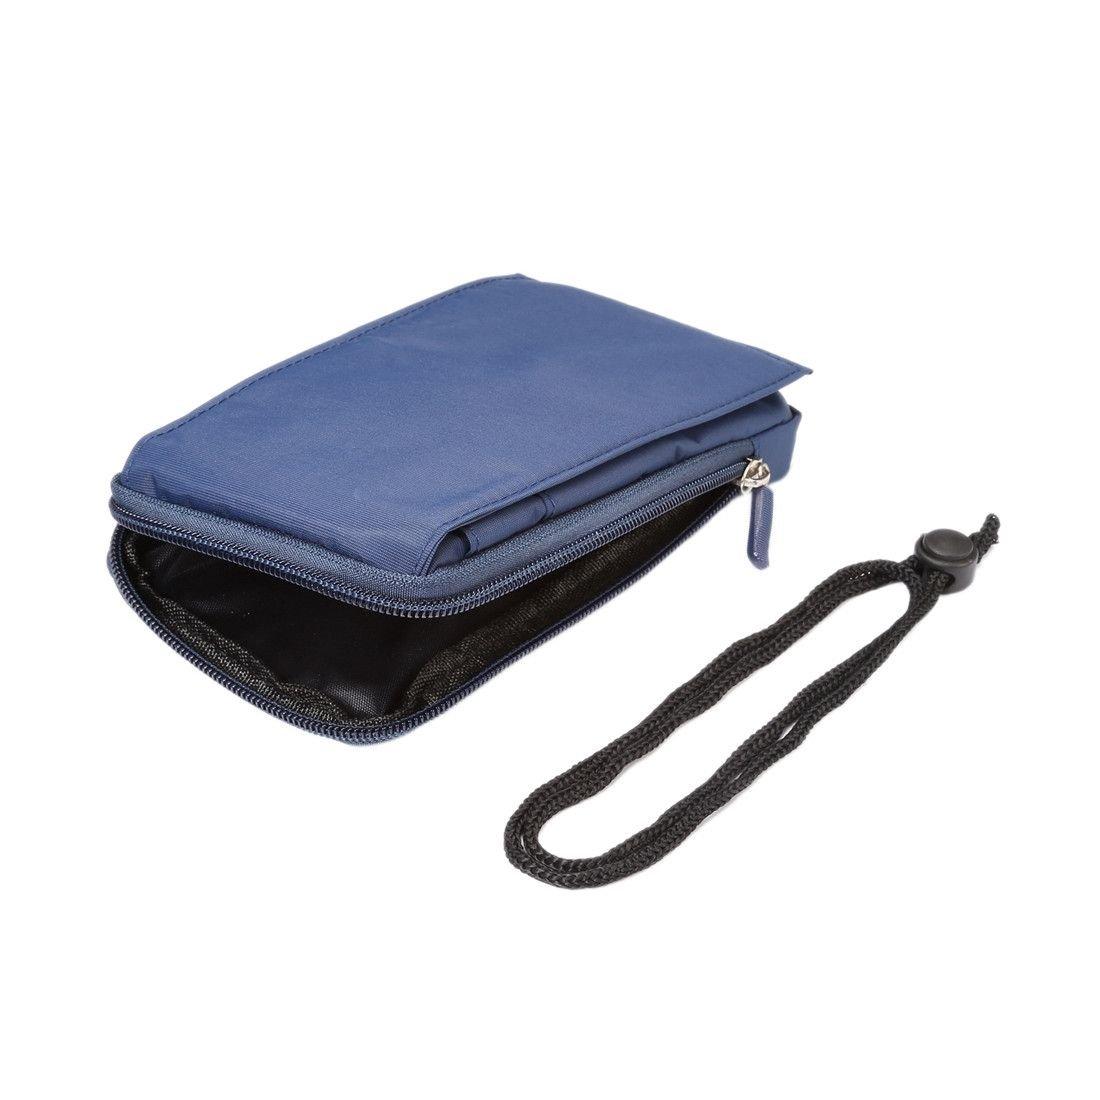 Funda Multiusos Universal con Varios Compartimentos para Cinturon y Mosqueton para = Huawei P20 Pro  Azul XXM 18 x 10 cm DFV mobile